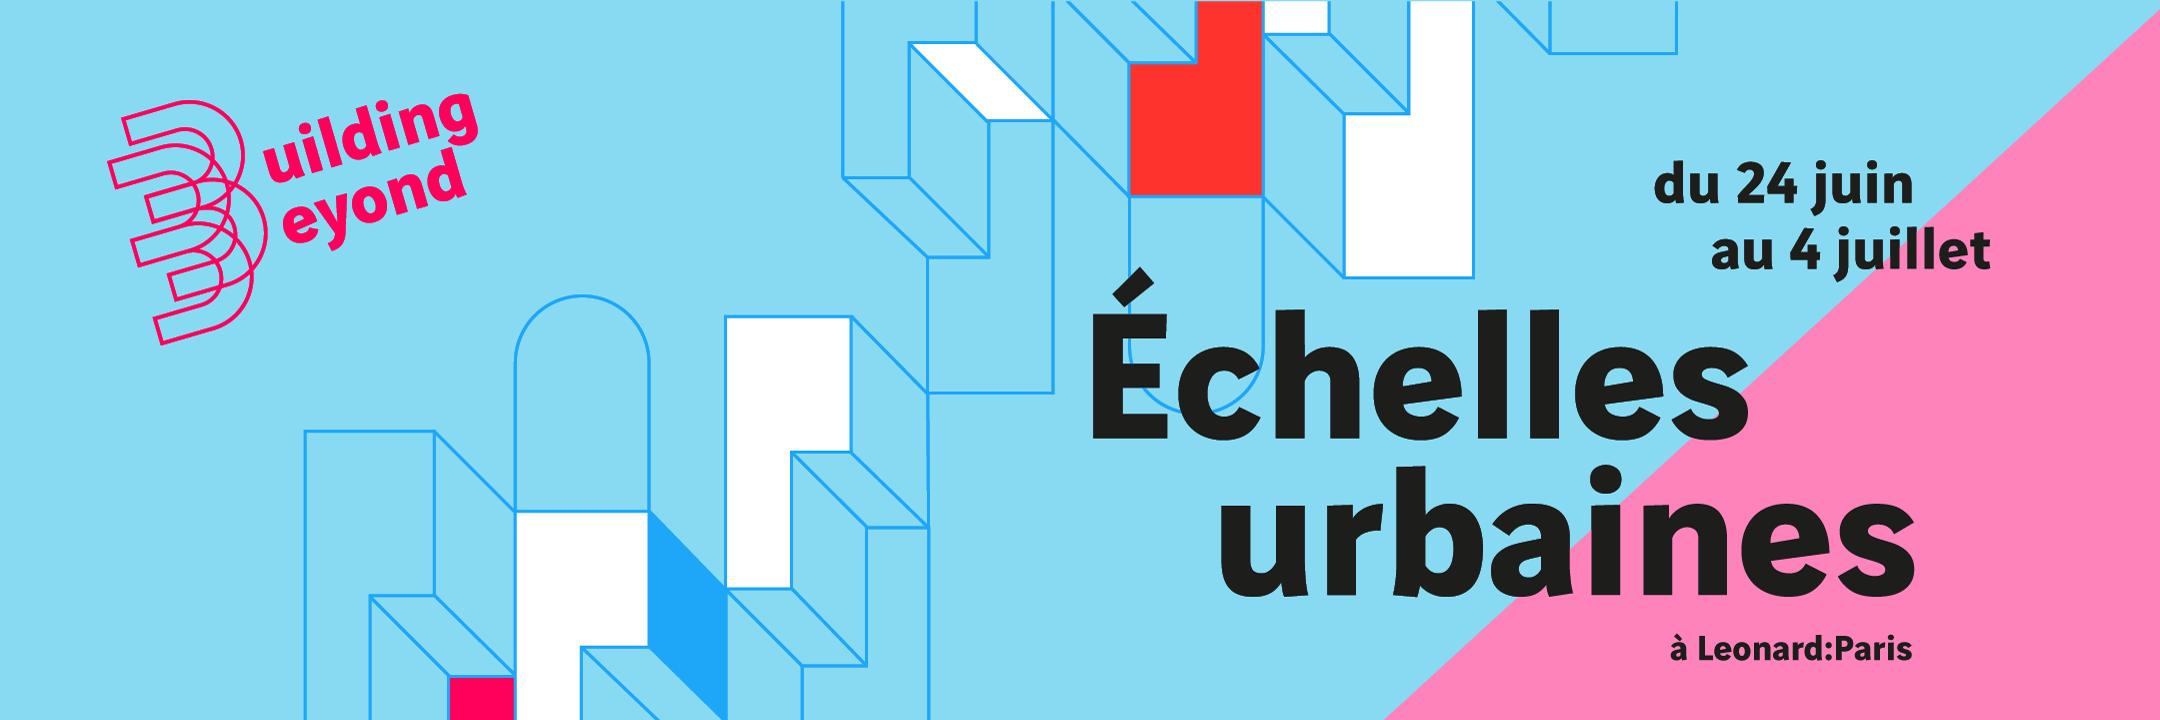 Venez construire les villes du futur au festival Building Beyond